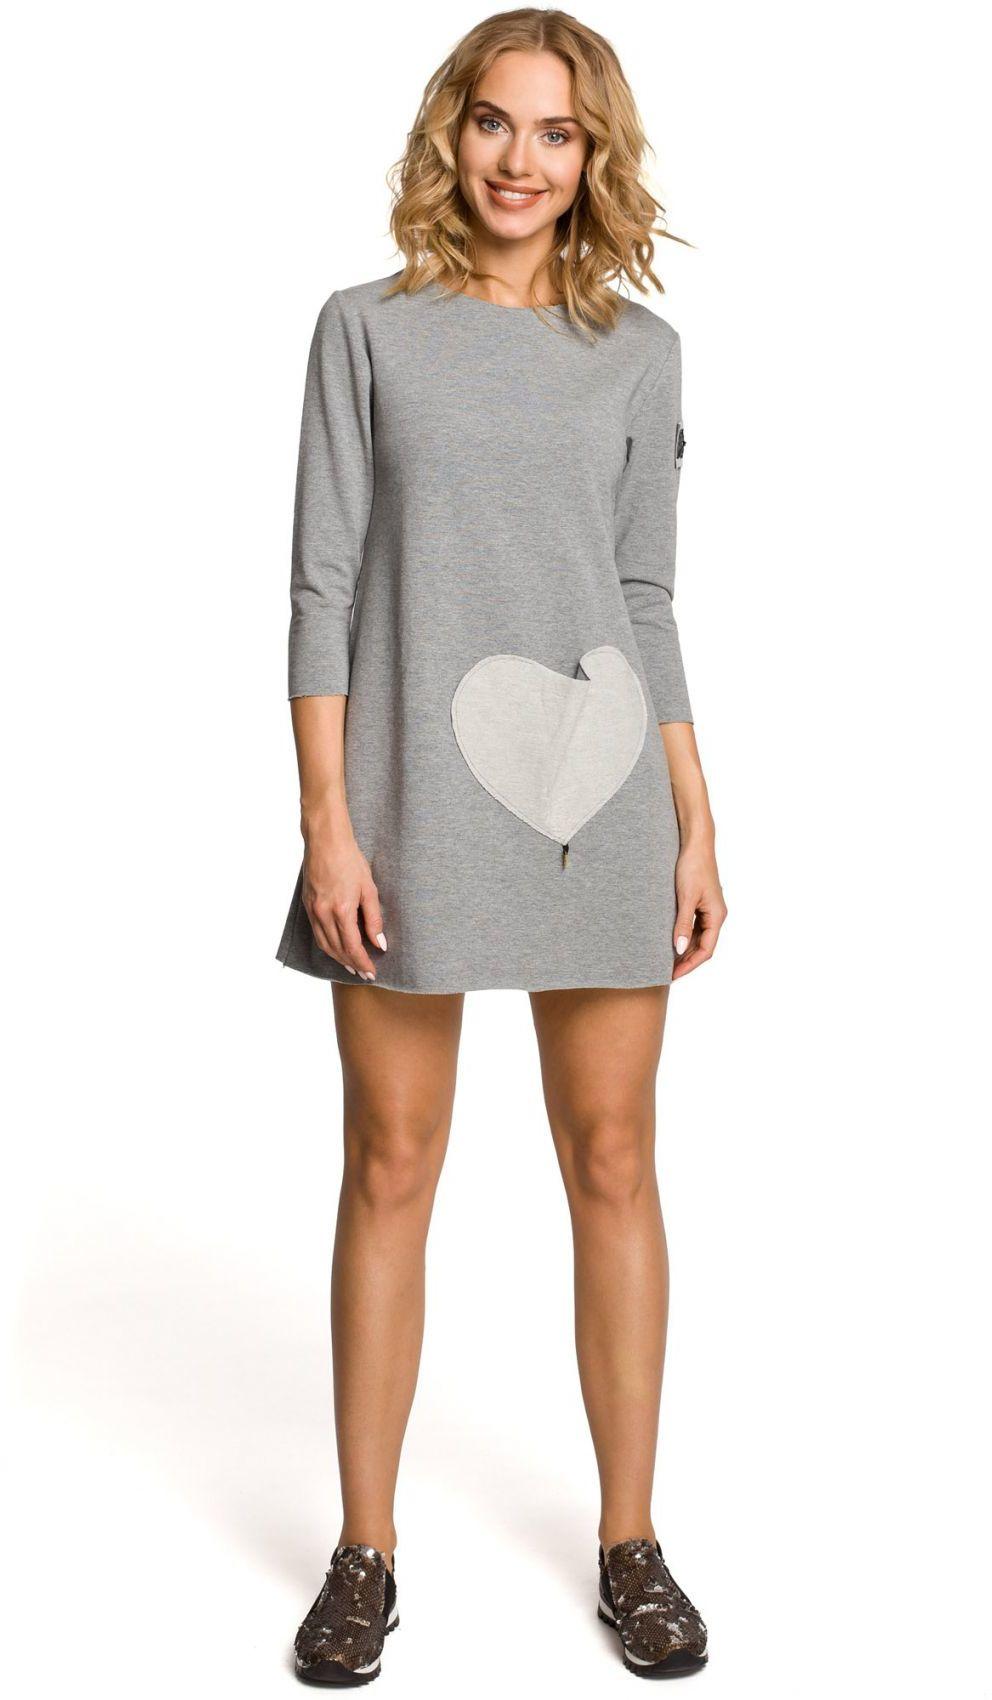 M053 Mini sukienka - tunika z dzianiny - szara